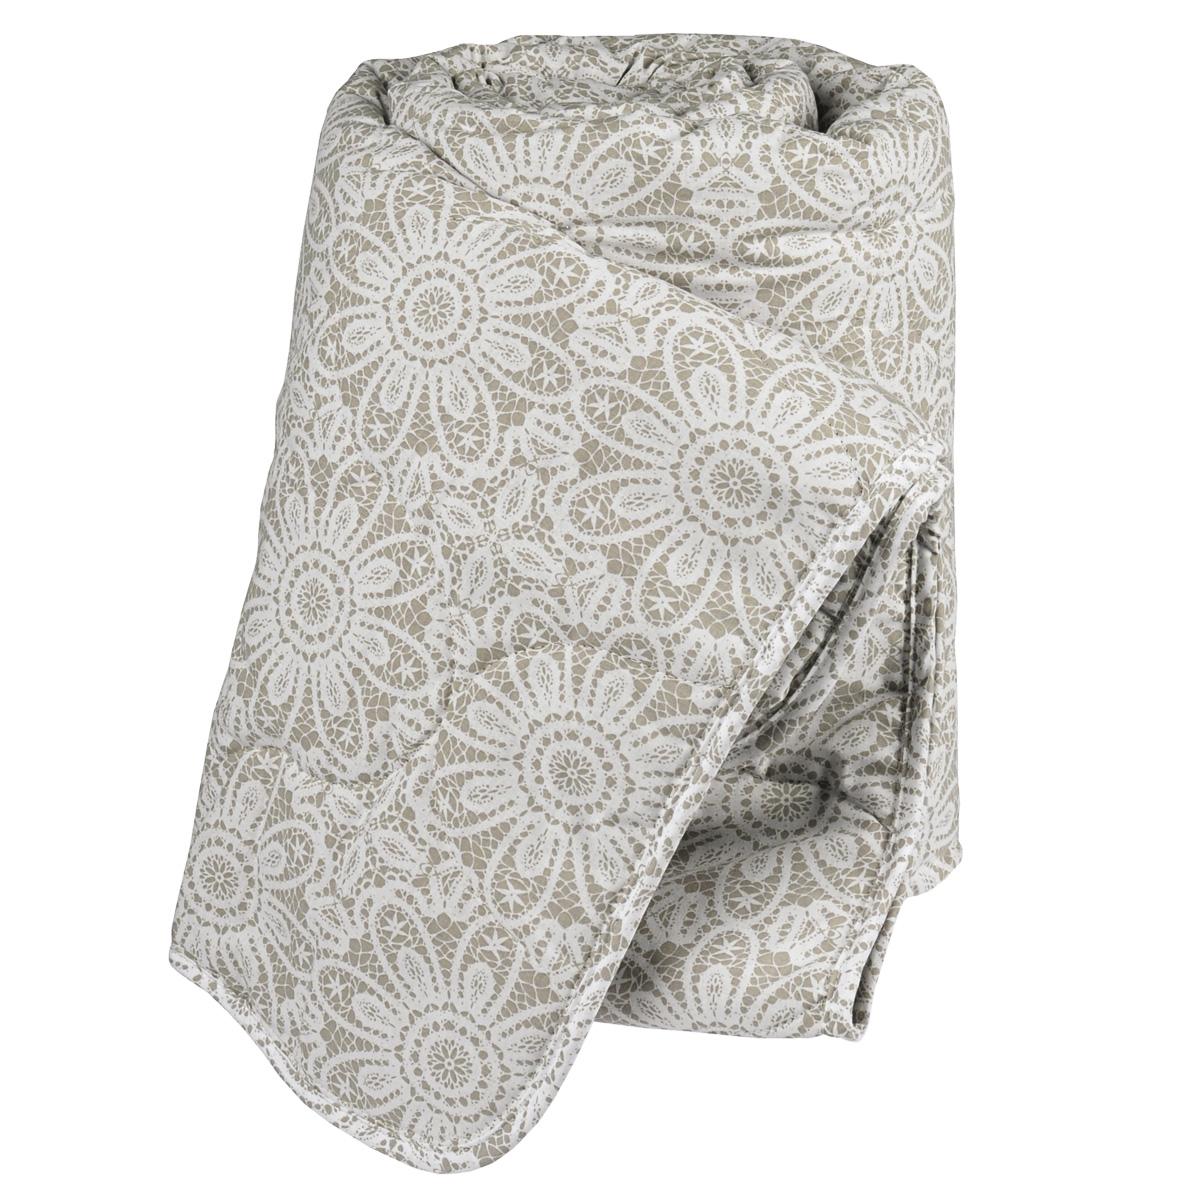 Одеяло Green Line Лен, наполнитель: льняное волокно, 172 х 205 см187856Мягкое и комфортное одеяло Green Line Лен подарит вам незабываемое чувство уюта и умиротворения. Чехол выполнен из чистого хлопка. Одеяло поможет создать максимально удобные и благоприятные условия для сладкого сна. Преимущества льняного наполнителя: - имеет эффект активного дыхания, - природный антисептик, - холодит в жару и согревает в холод. Лен полезен для здоровья, обладает положительной энергетикой. Не стирать, не гладить. Размер: 172 см х 205 см. Материал верха: 100% хлопок. Наполнитель: 90% льняное волокно, 10% полиэстер. Масса наполнителя: 300 г/м2.